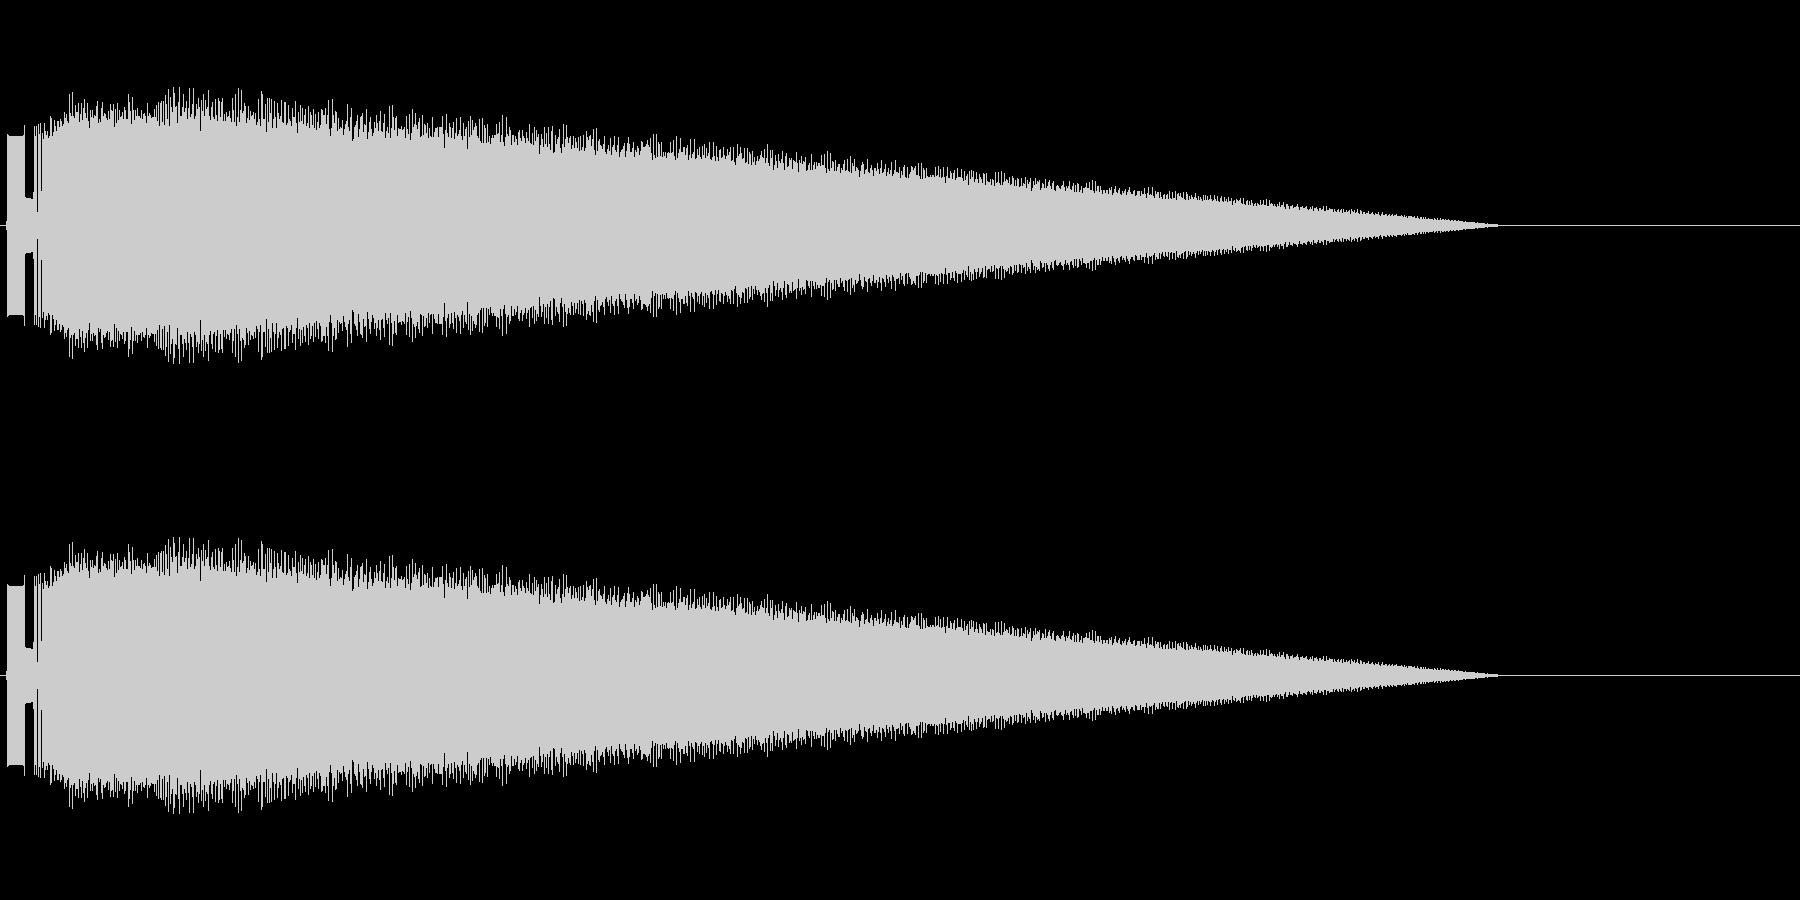 レトロゲーム風レーザーショット2の未再生の波形